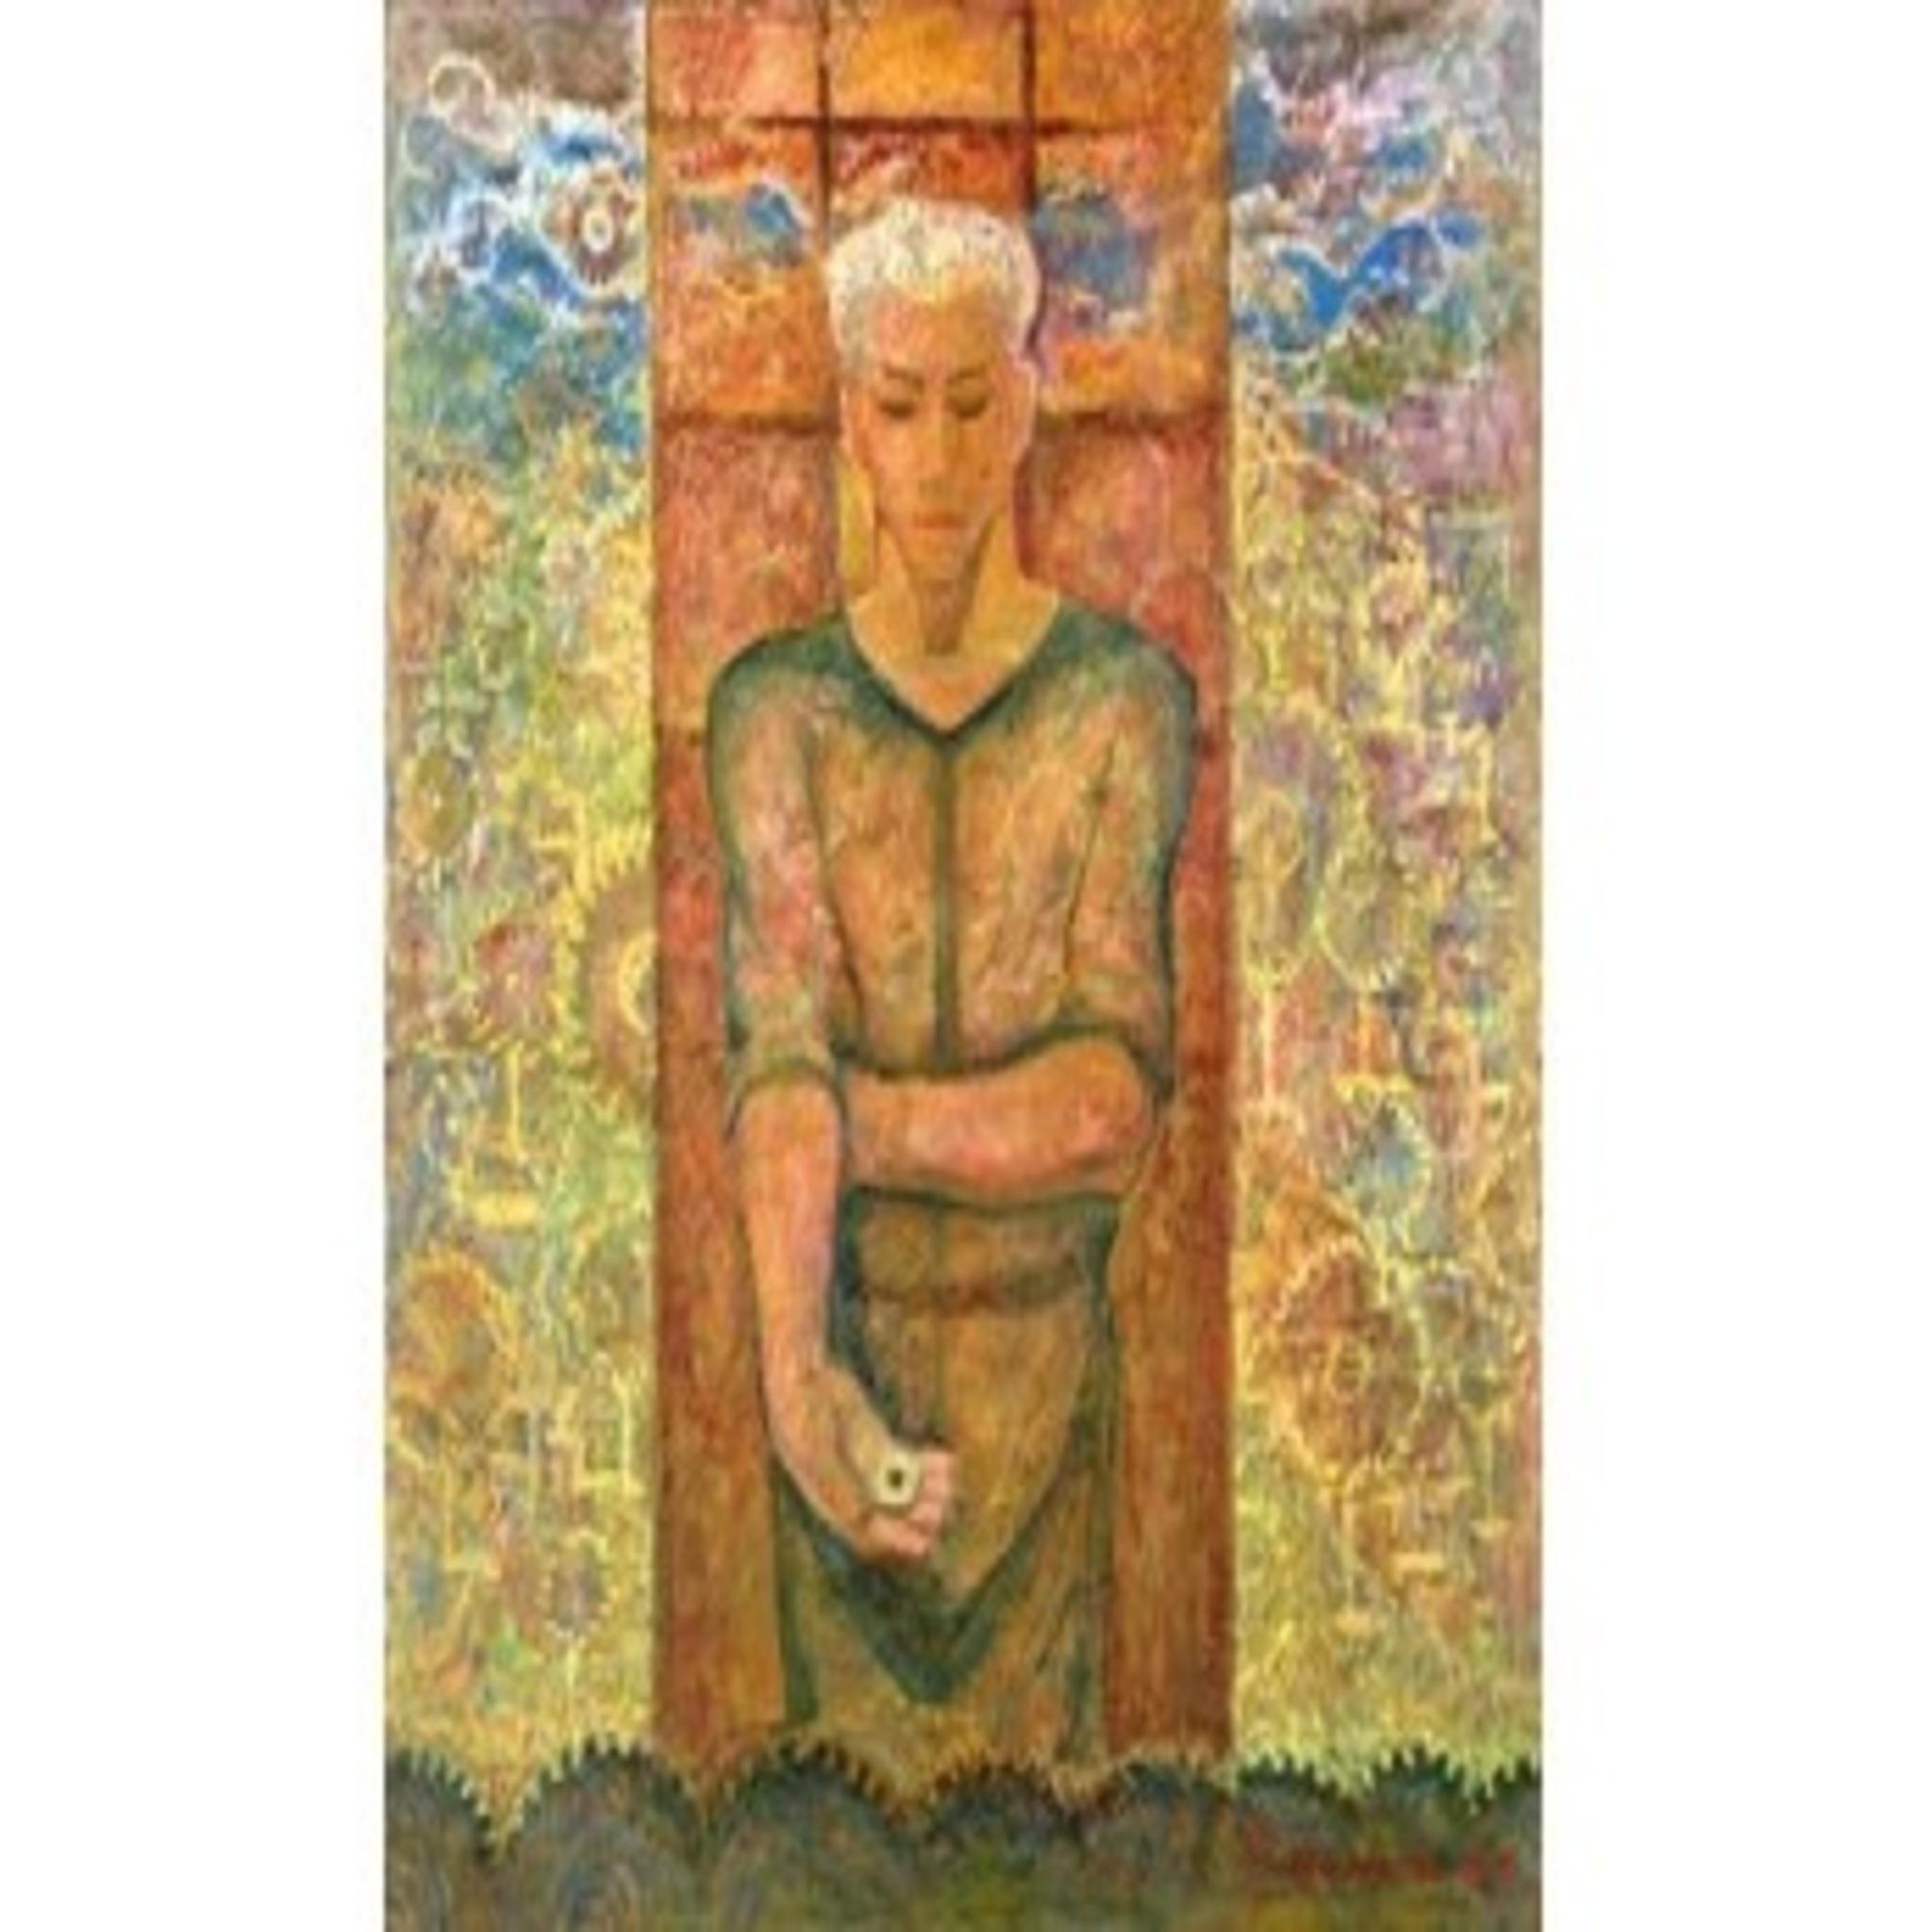 Выставка «Эфраим Аллсалу. Радость жизни и лирика в суровые времена»